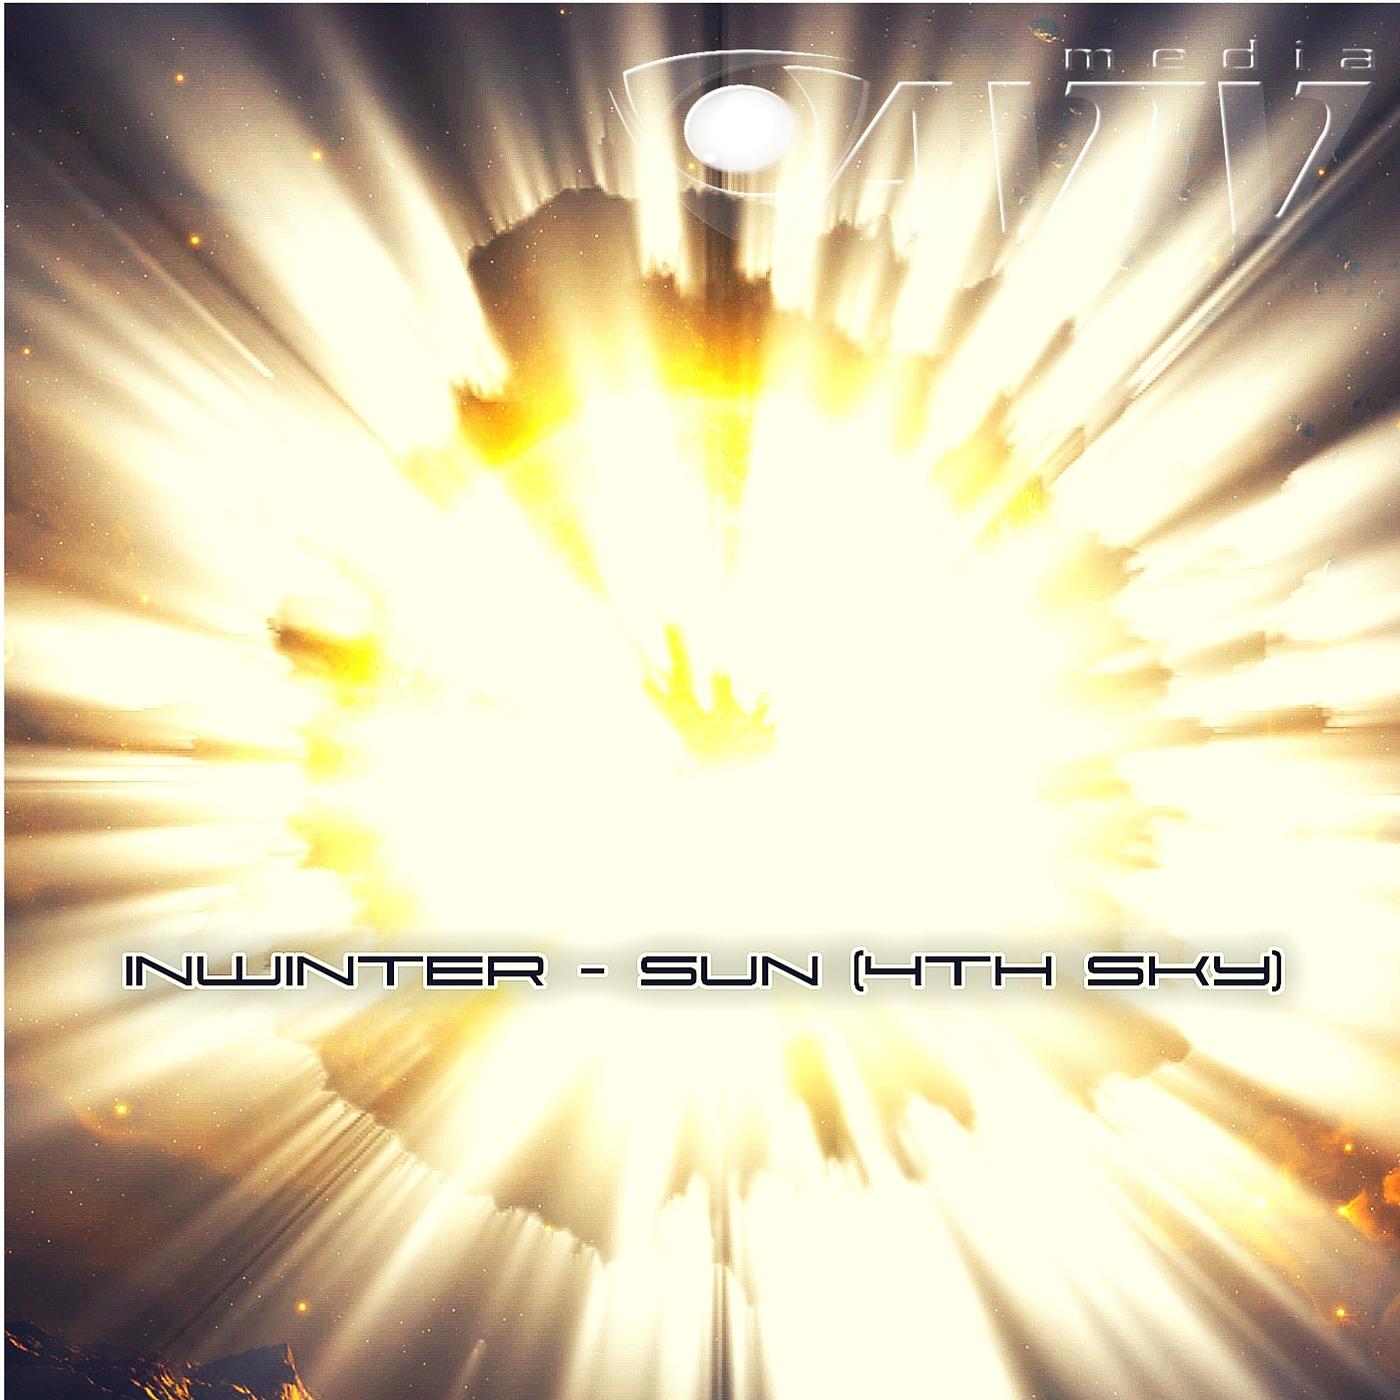 InWinter - Sun (4th Sky) (Uplifting Mix)